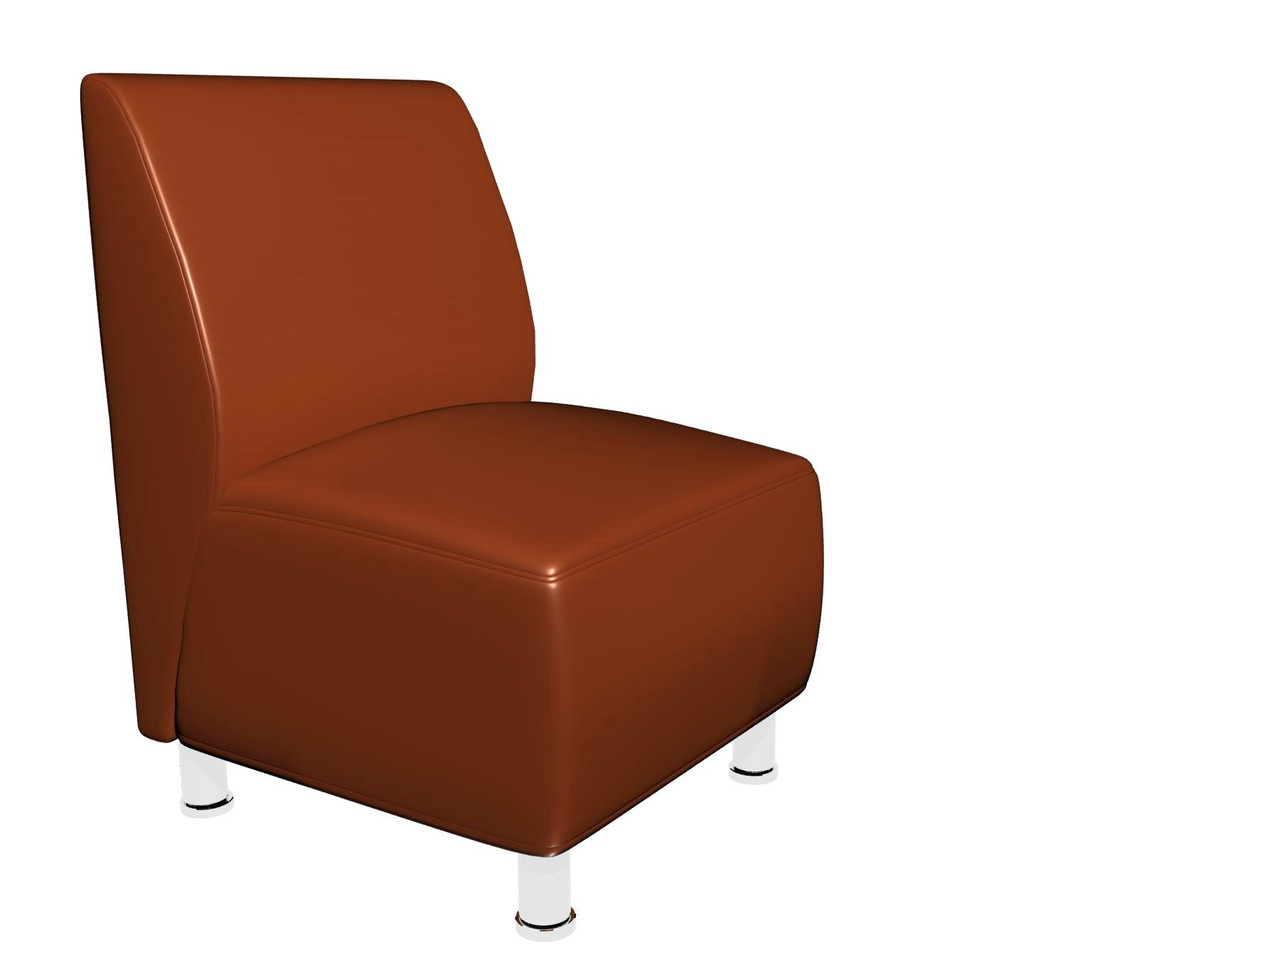 Офісний диван Актив Sentenzo 600x700x900 Світло-коричневий (232489422142)